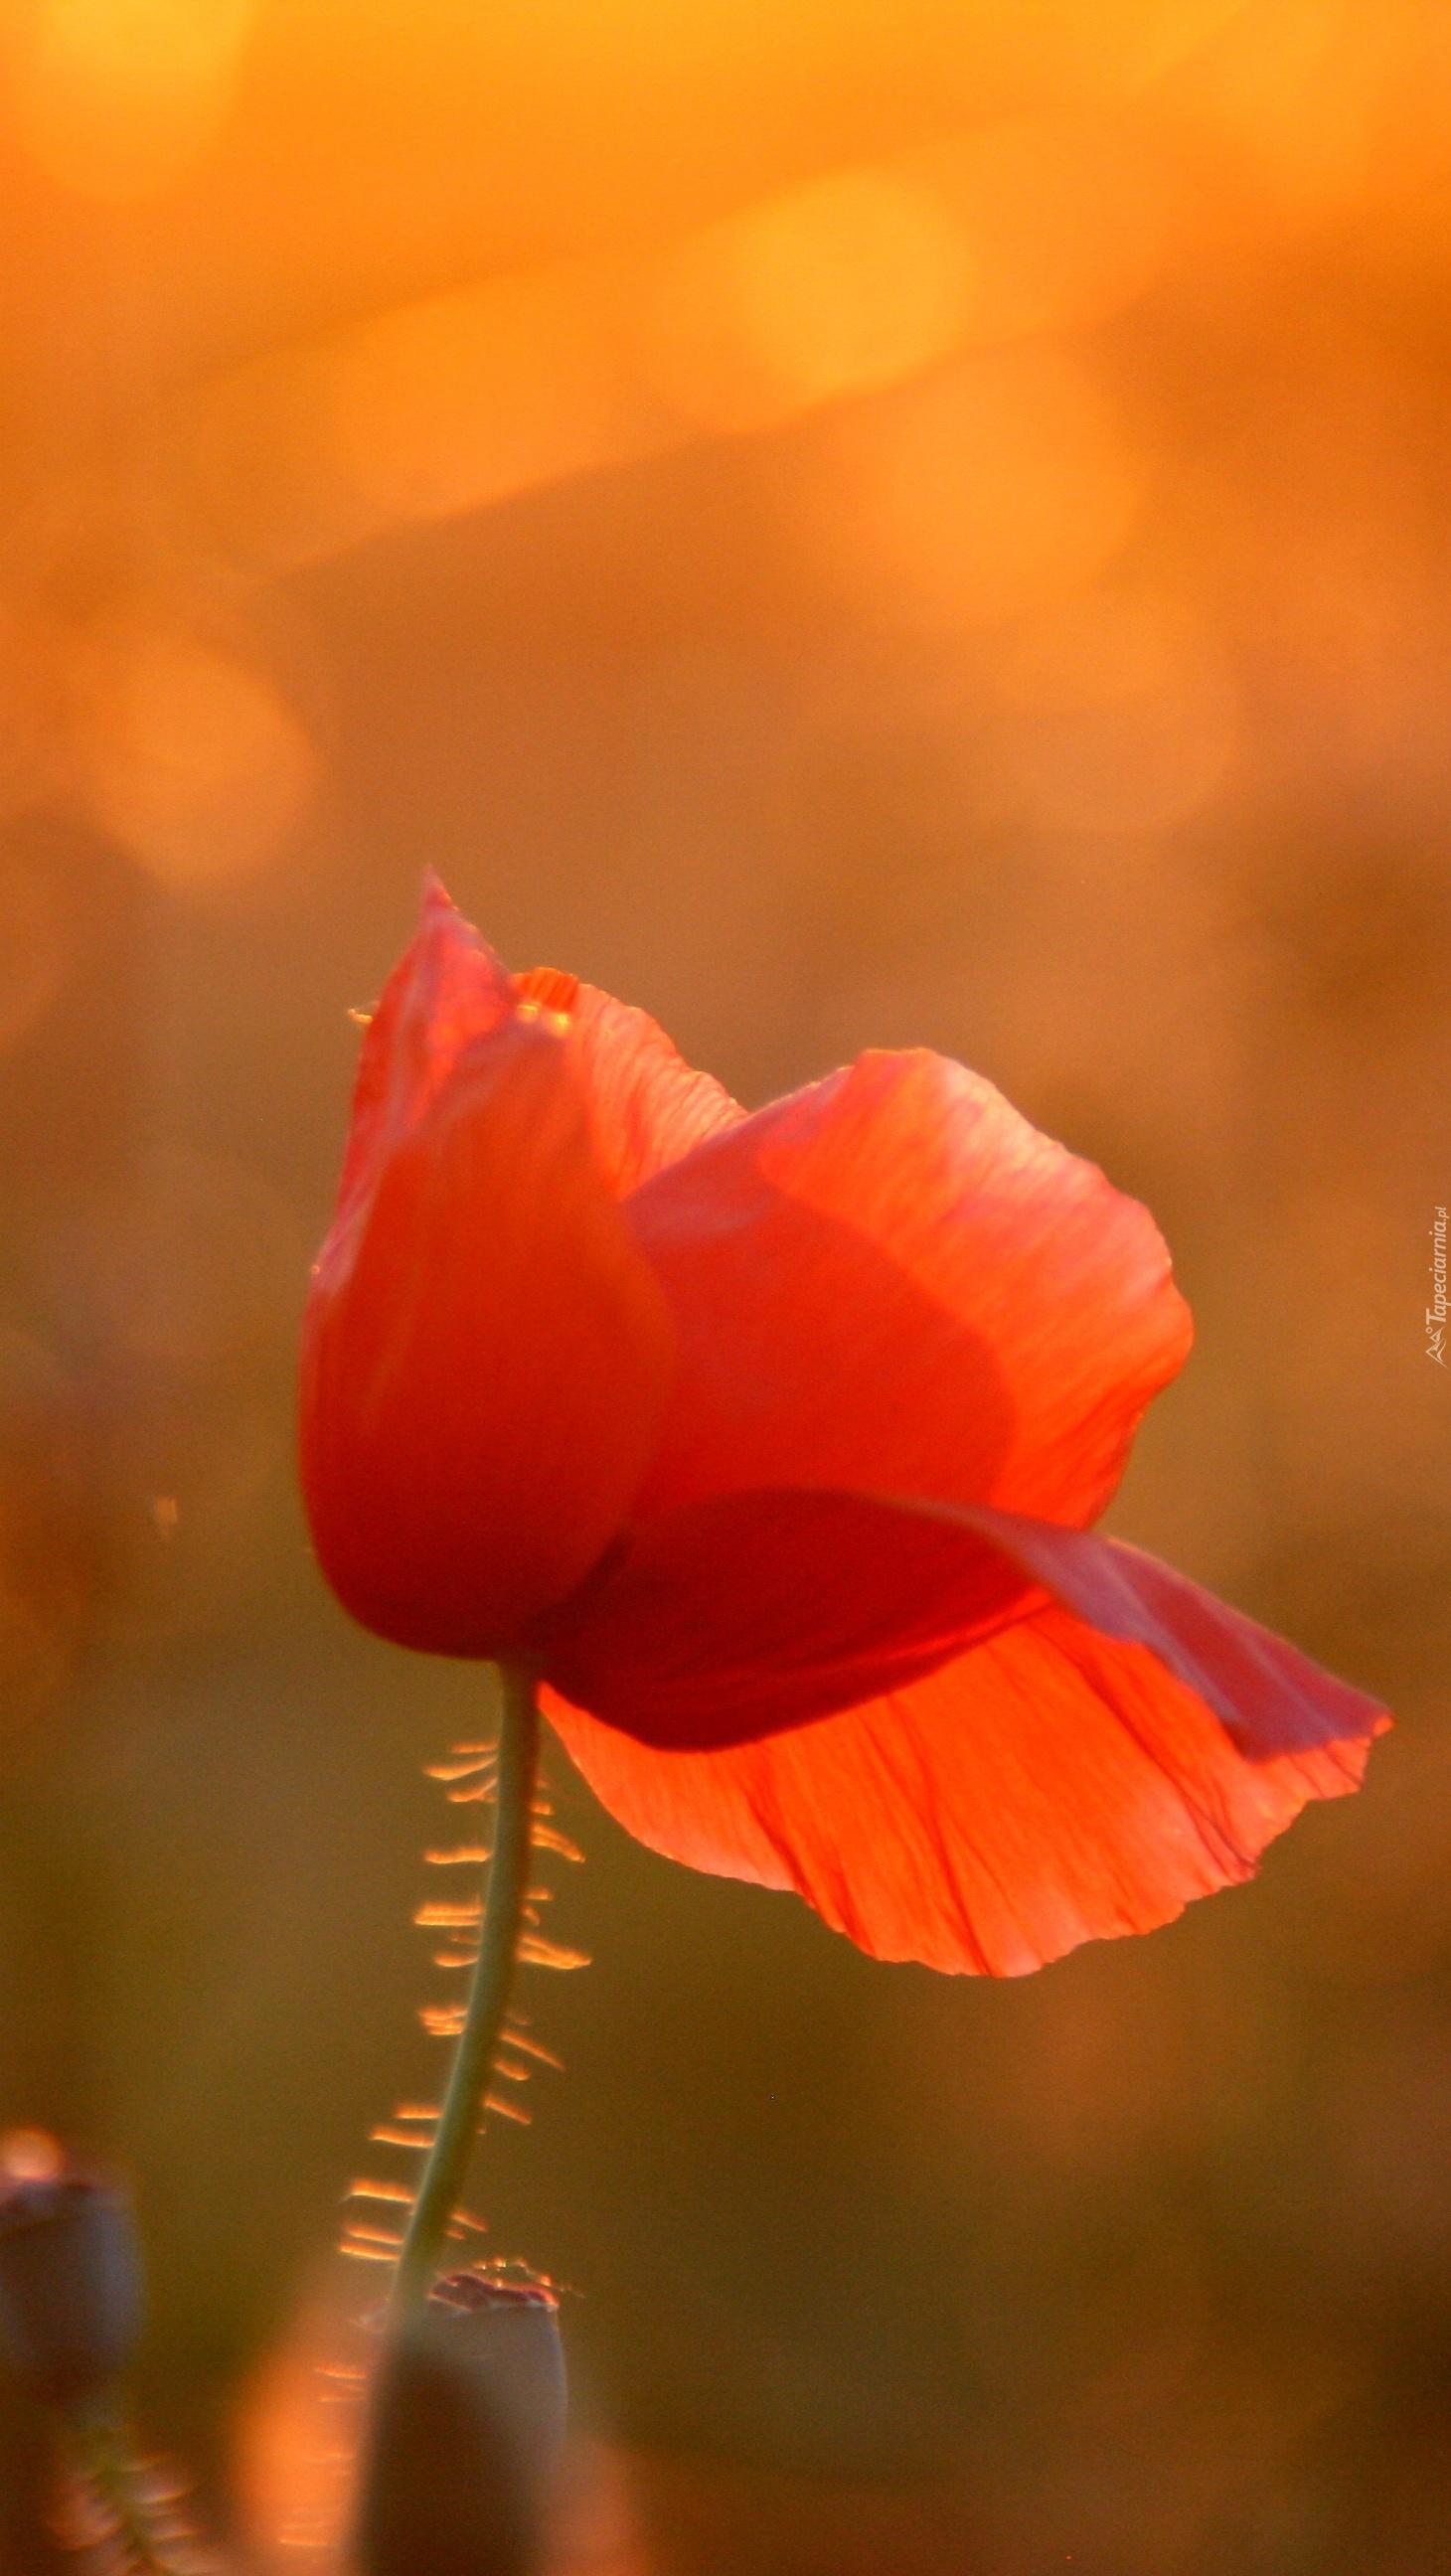 Czerwony mak w słońcu